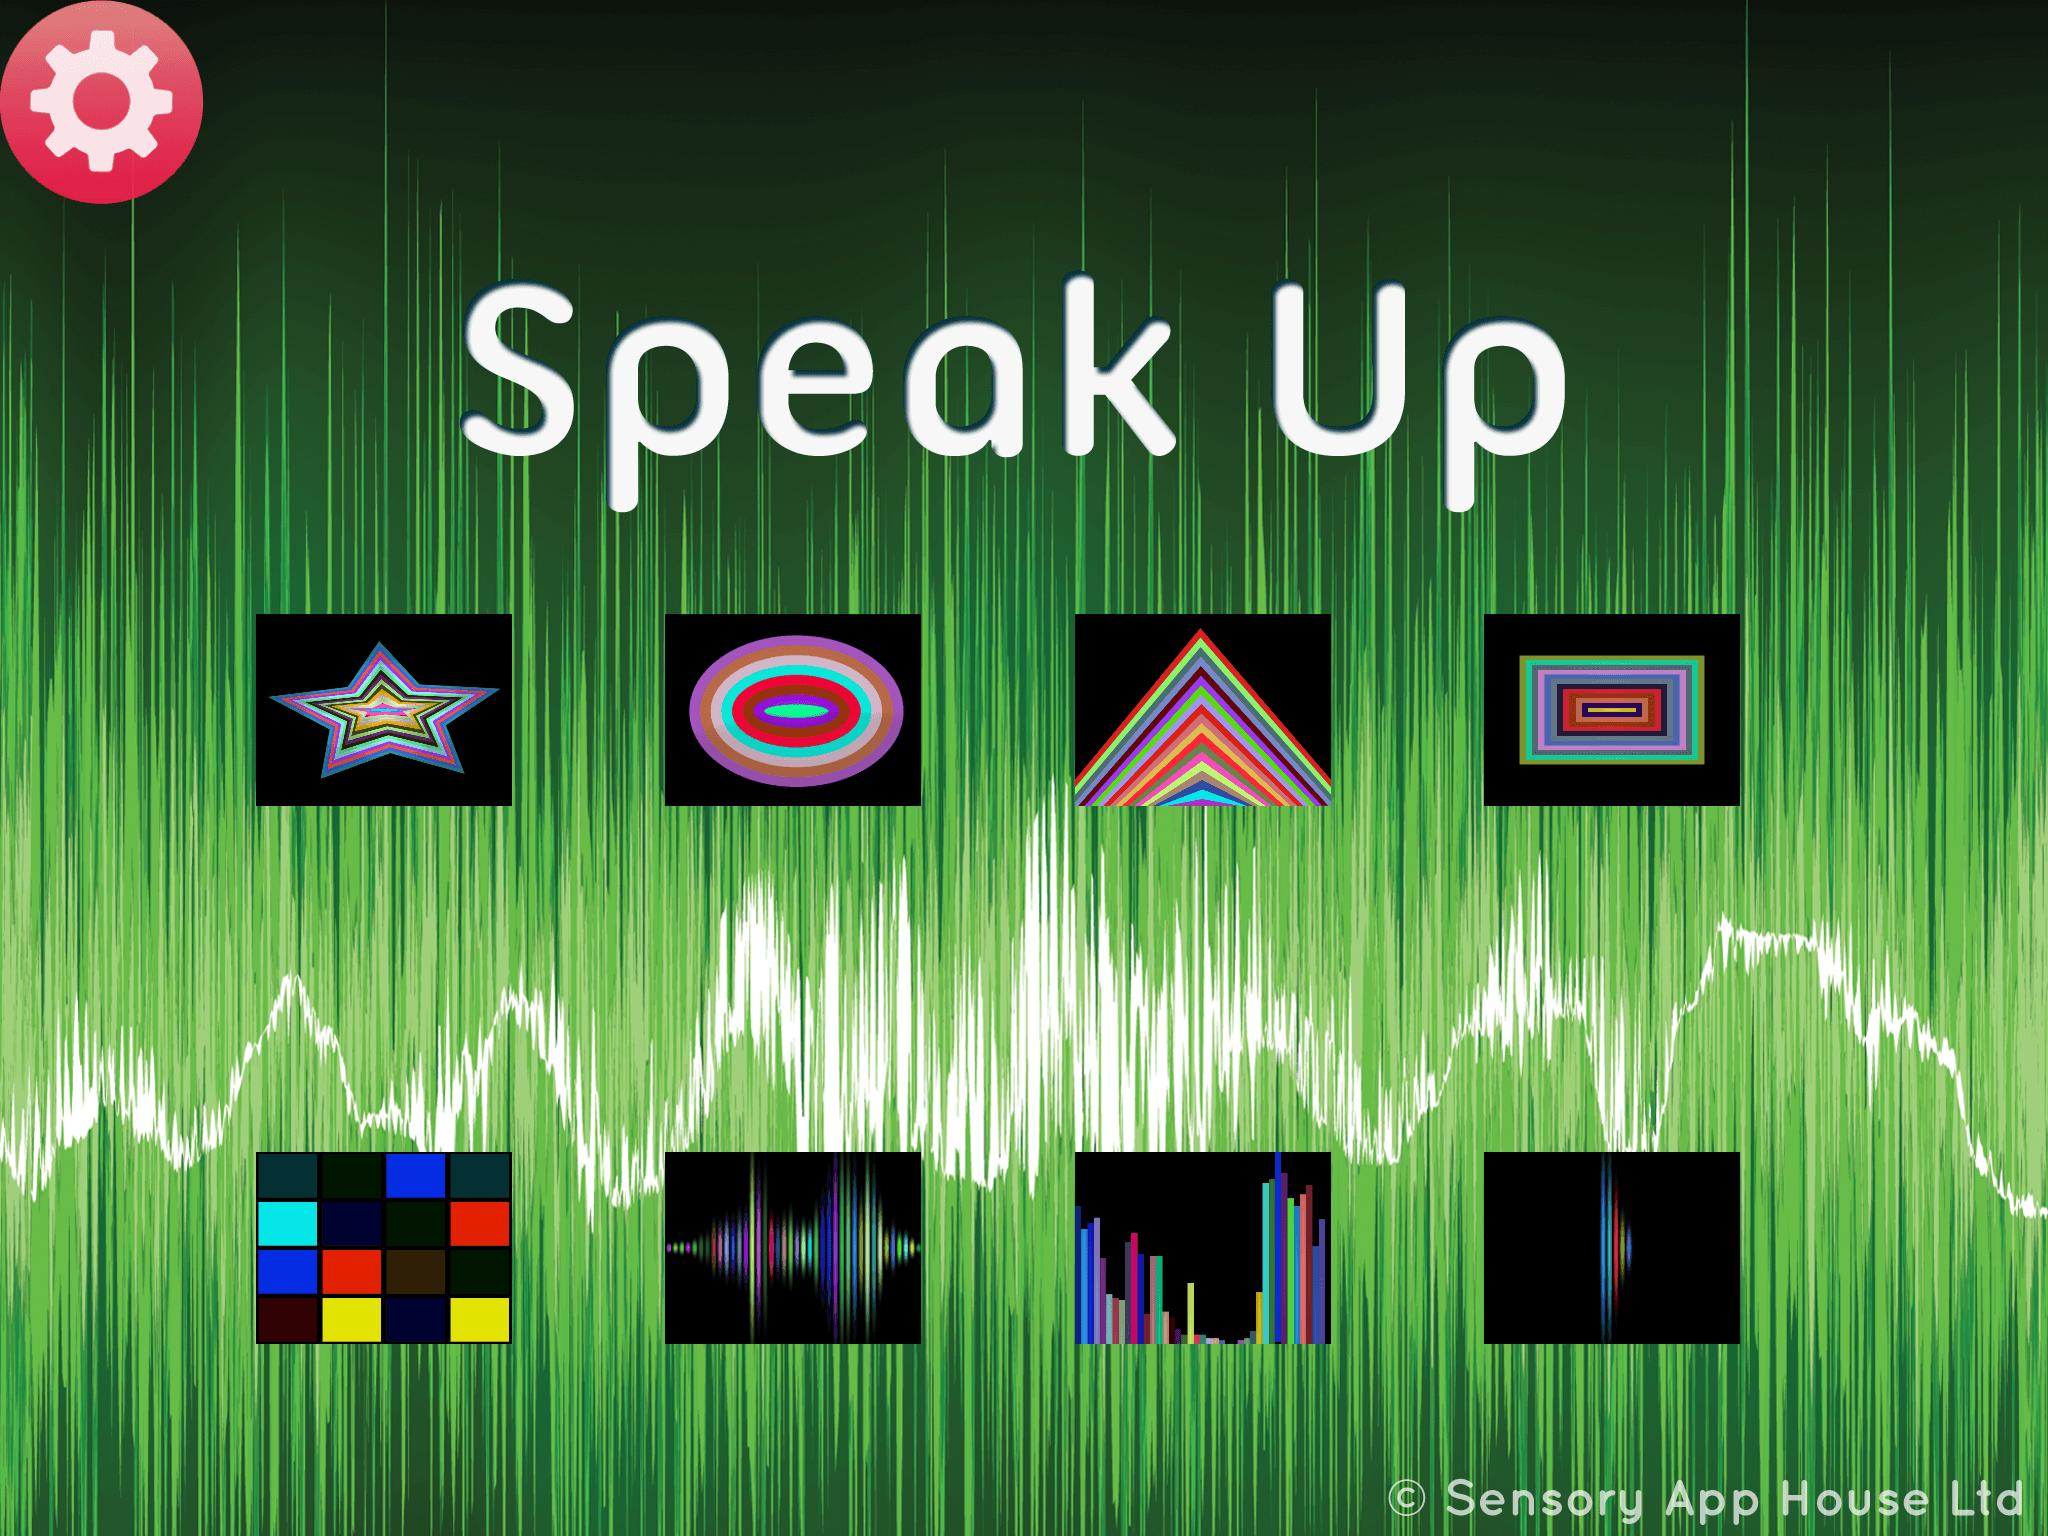 Speak Up - vocalization - Sensory App House